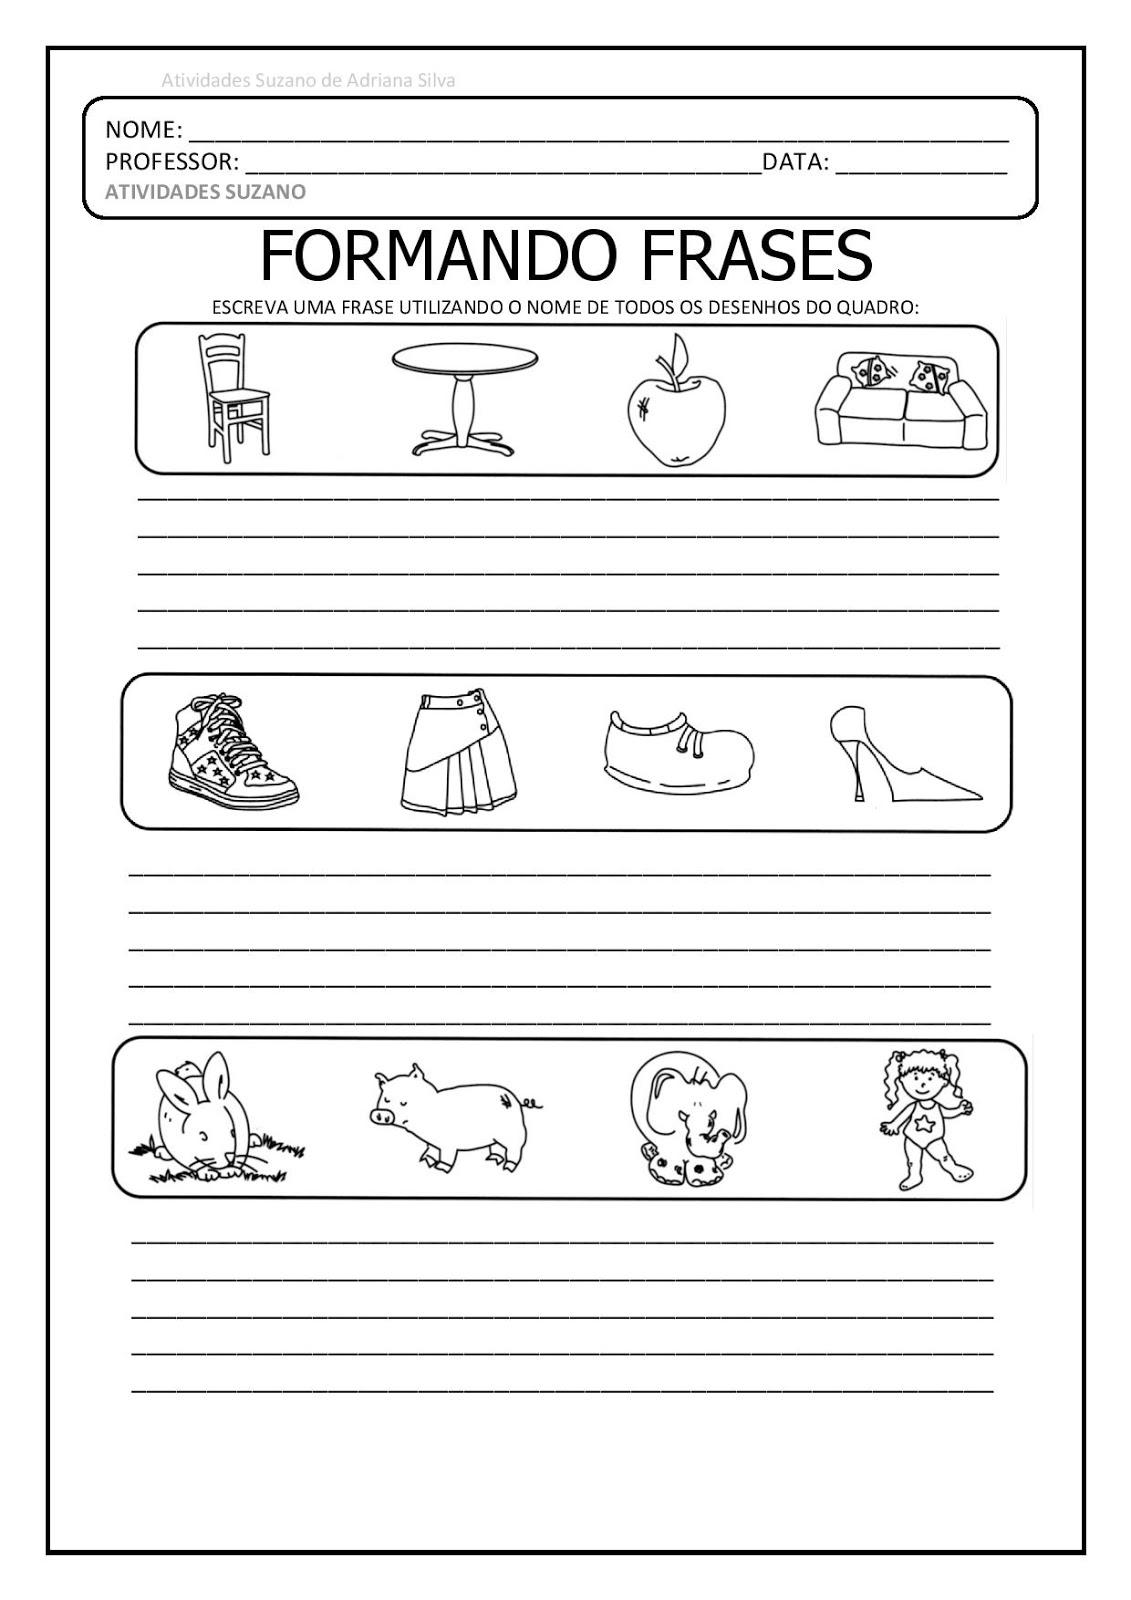 Atividades Pedagogica Suzano Trabalhando Formação De Frases E